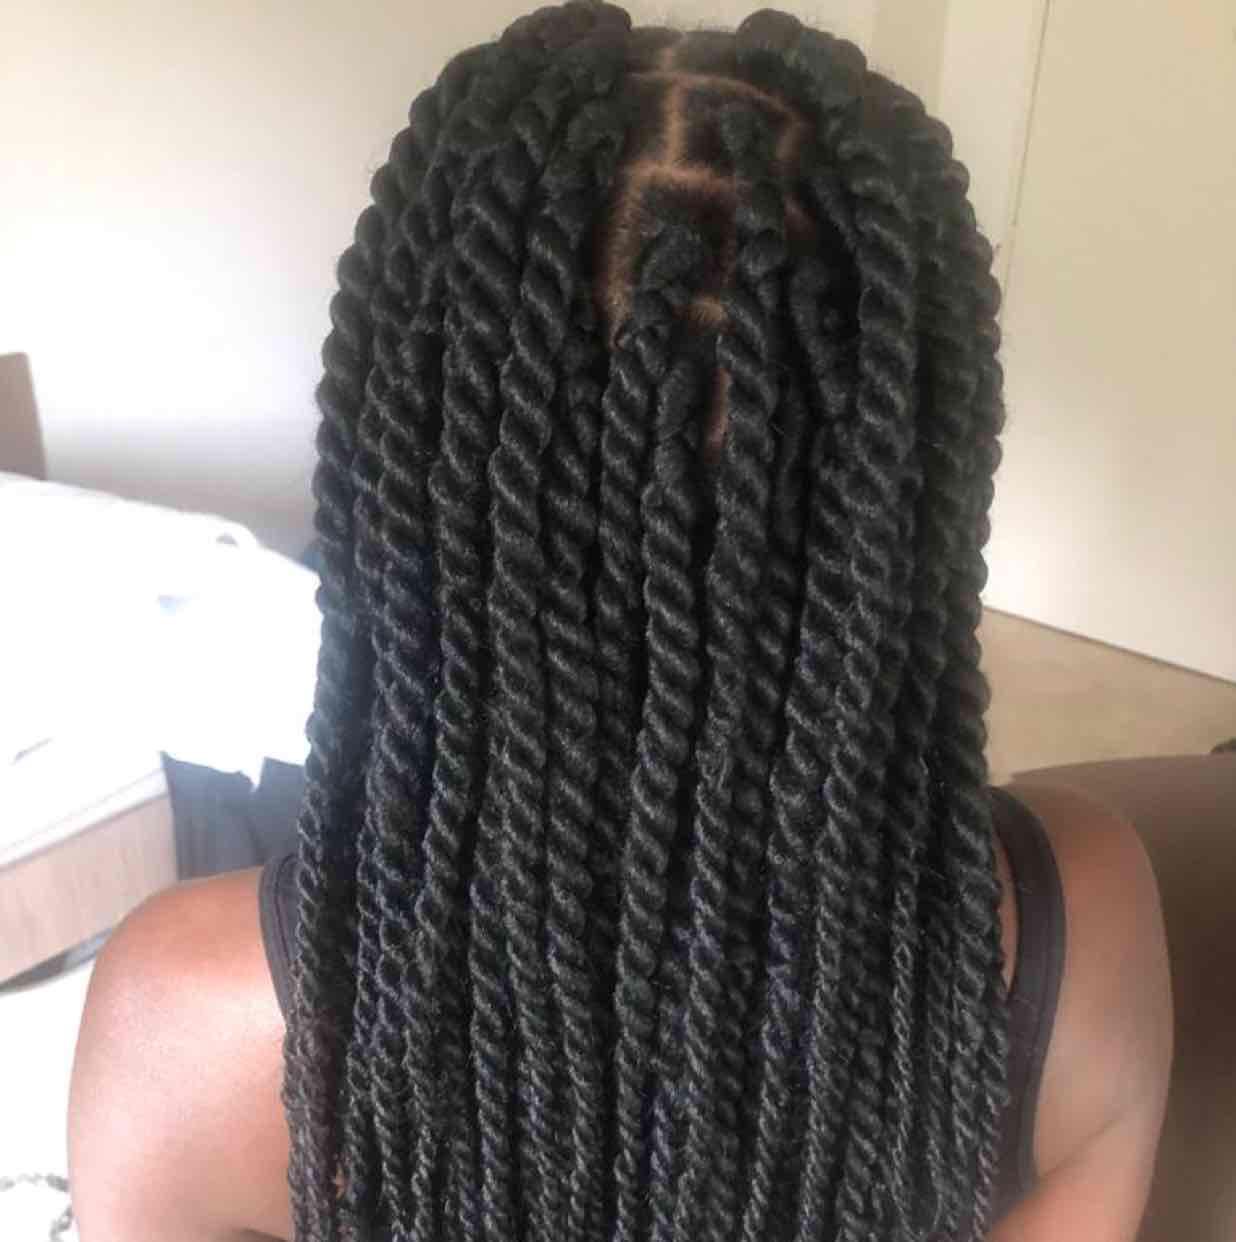 salon de coiffure afro tresse tresses box braids crochet braids vanilles tissages paris 75 77 78 91 92 93 94 95 WNINLMXH